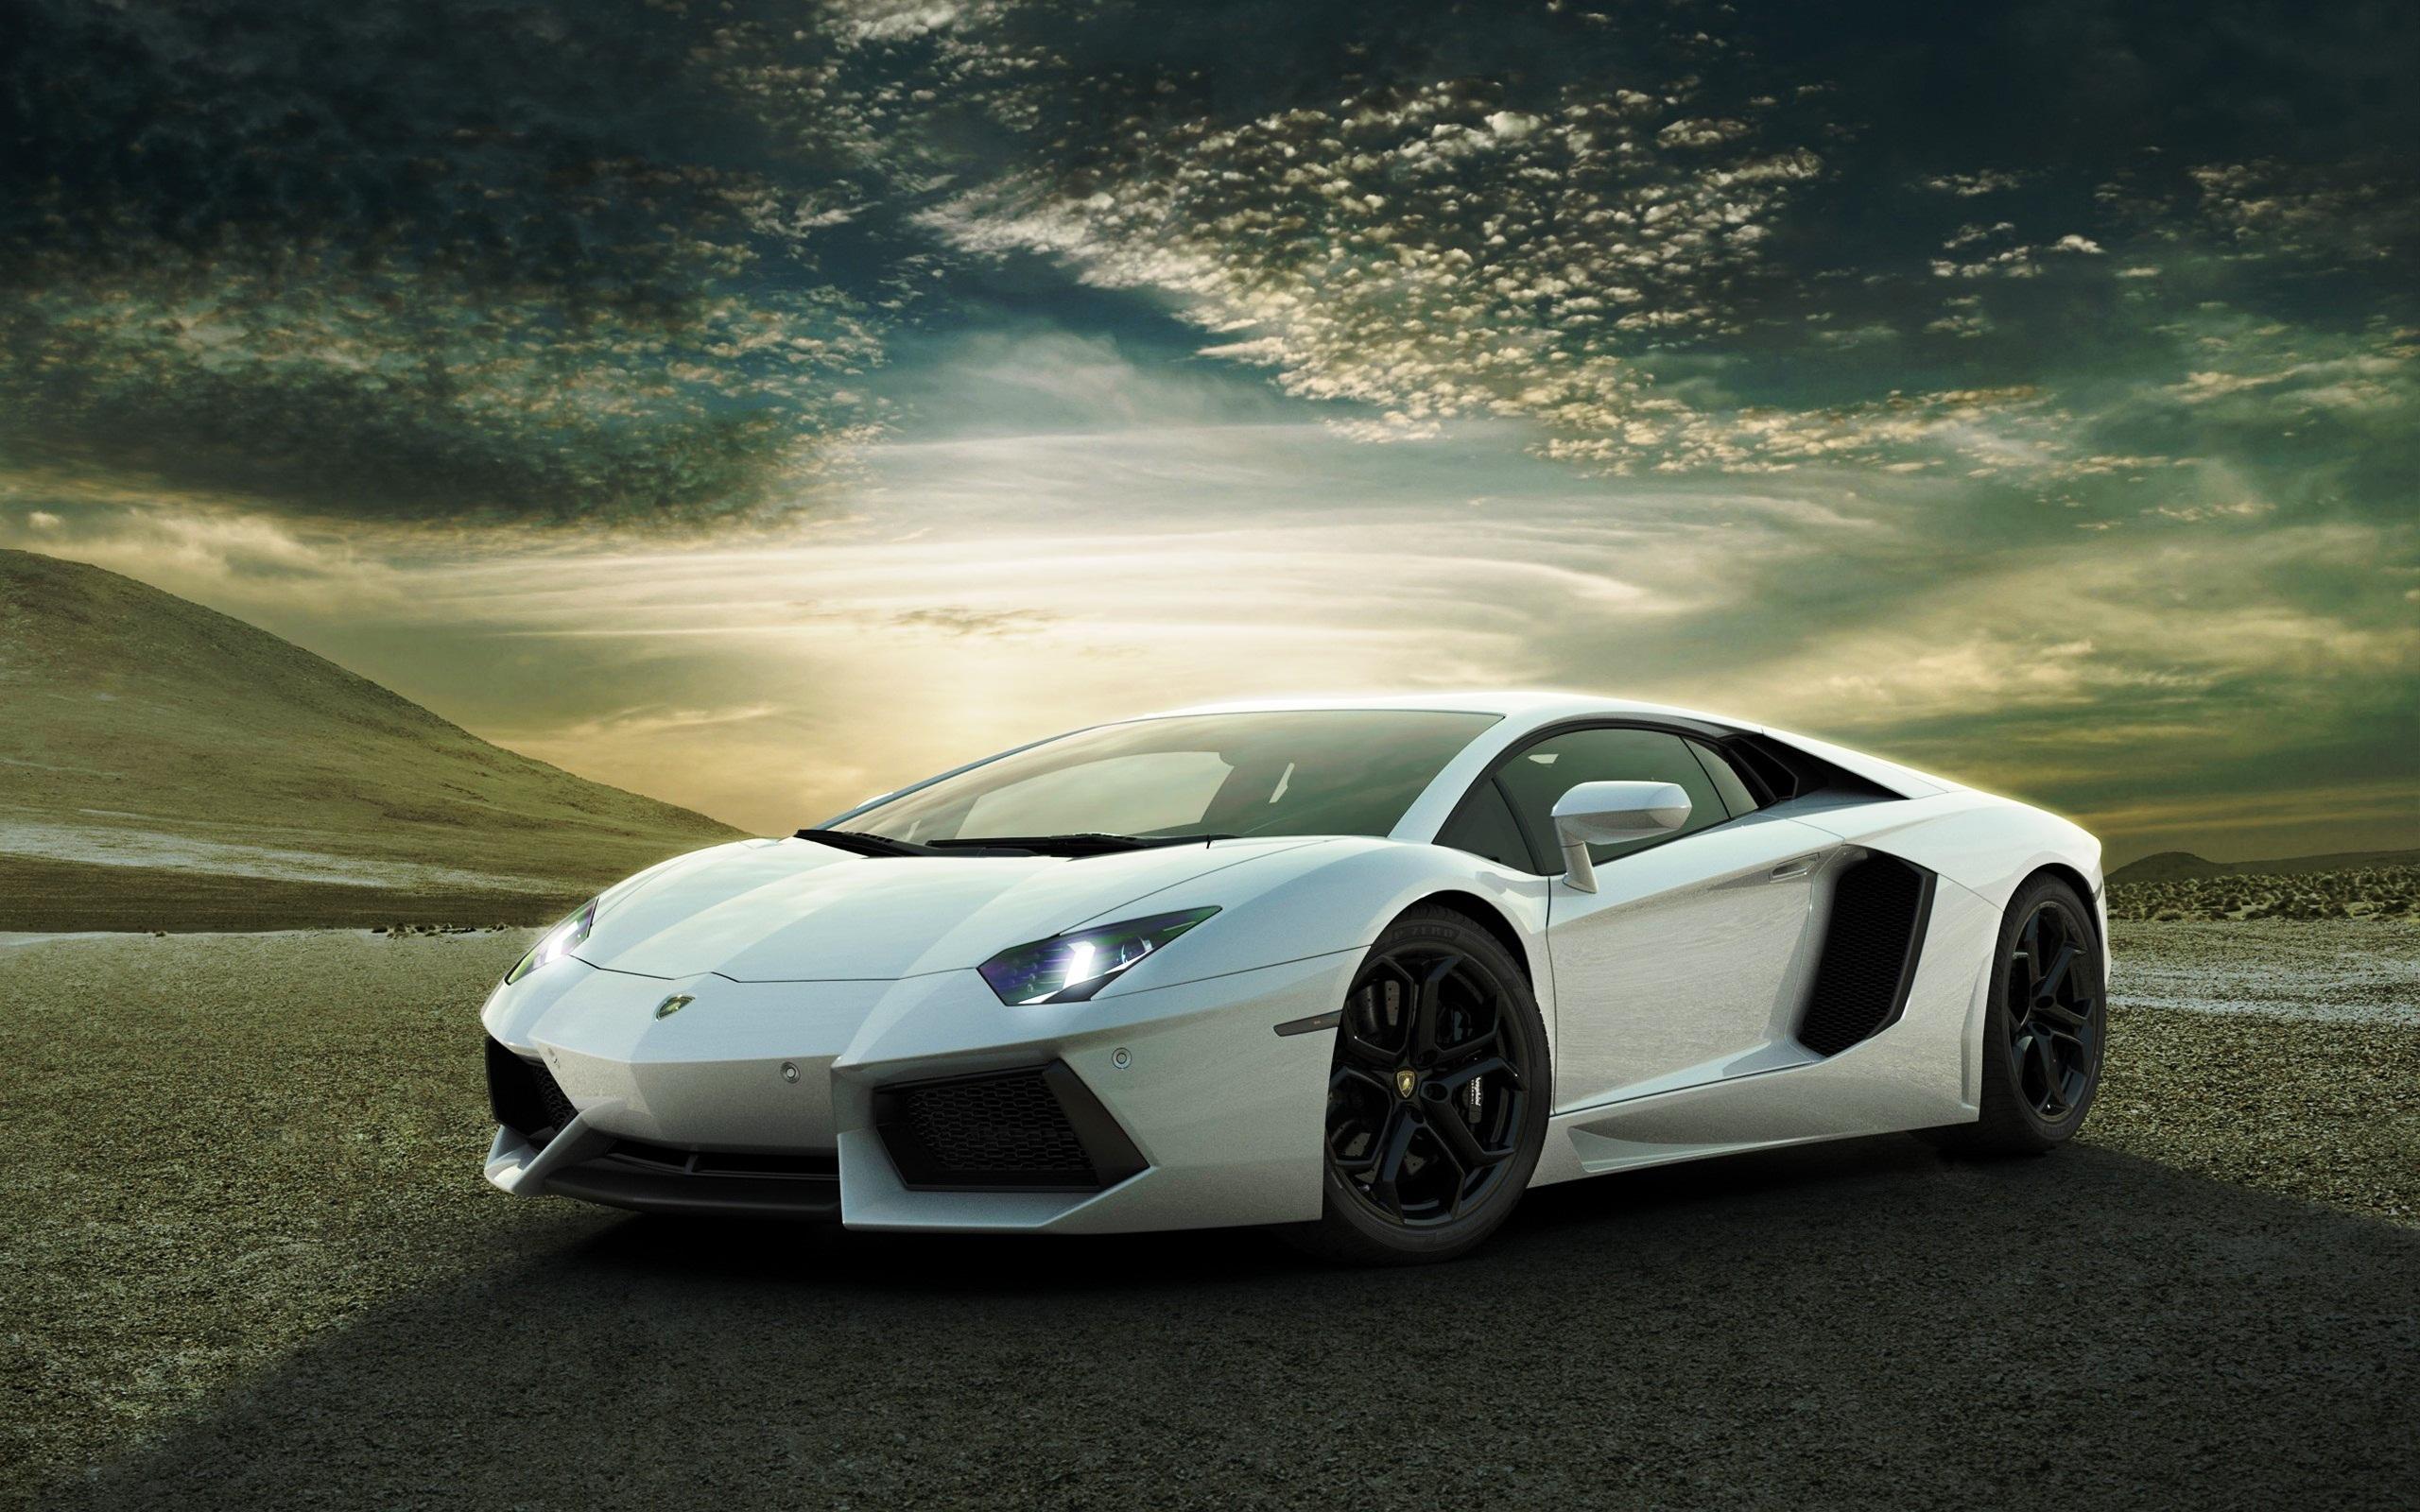 white lamborghini aventador wide The Lamborghini Aventador